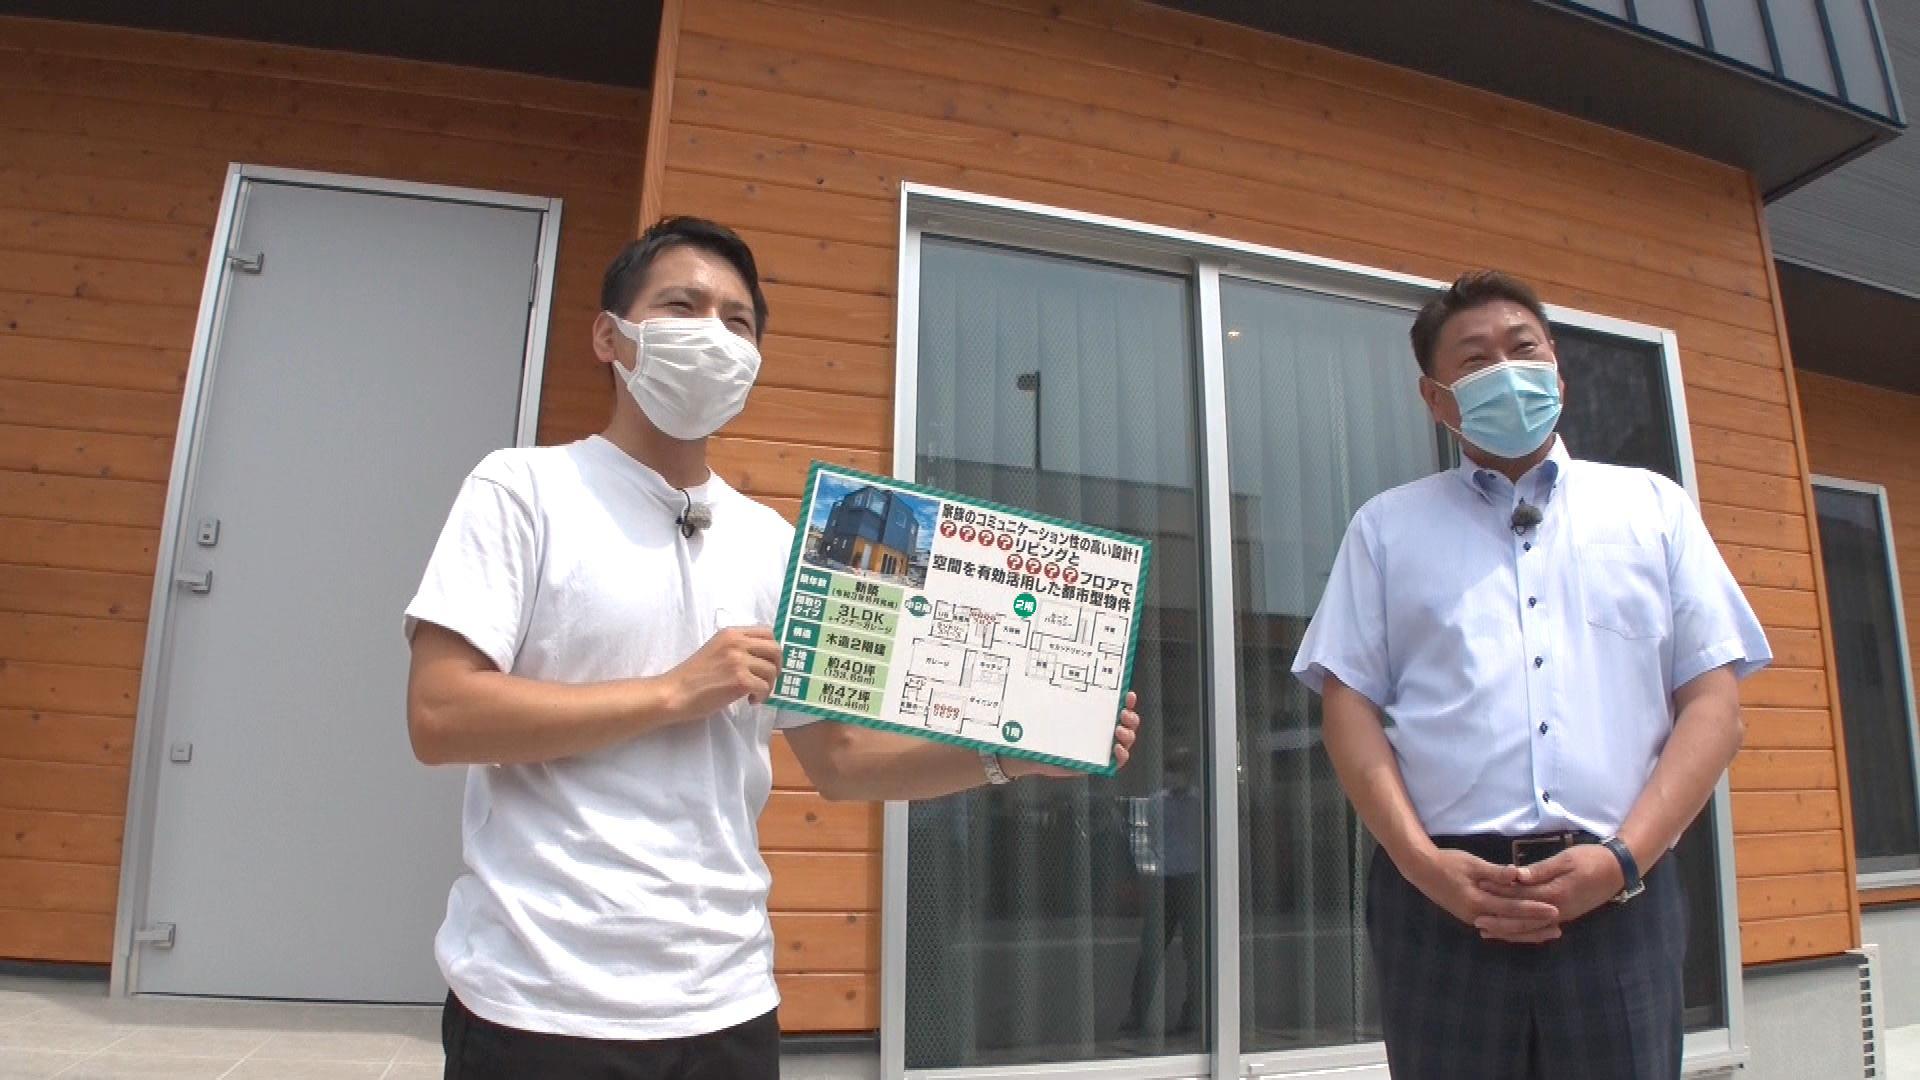 吉弘アナ(左) マイホームの窓口・小山 聡さん(右)